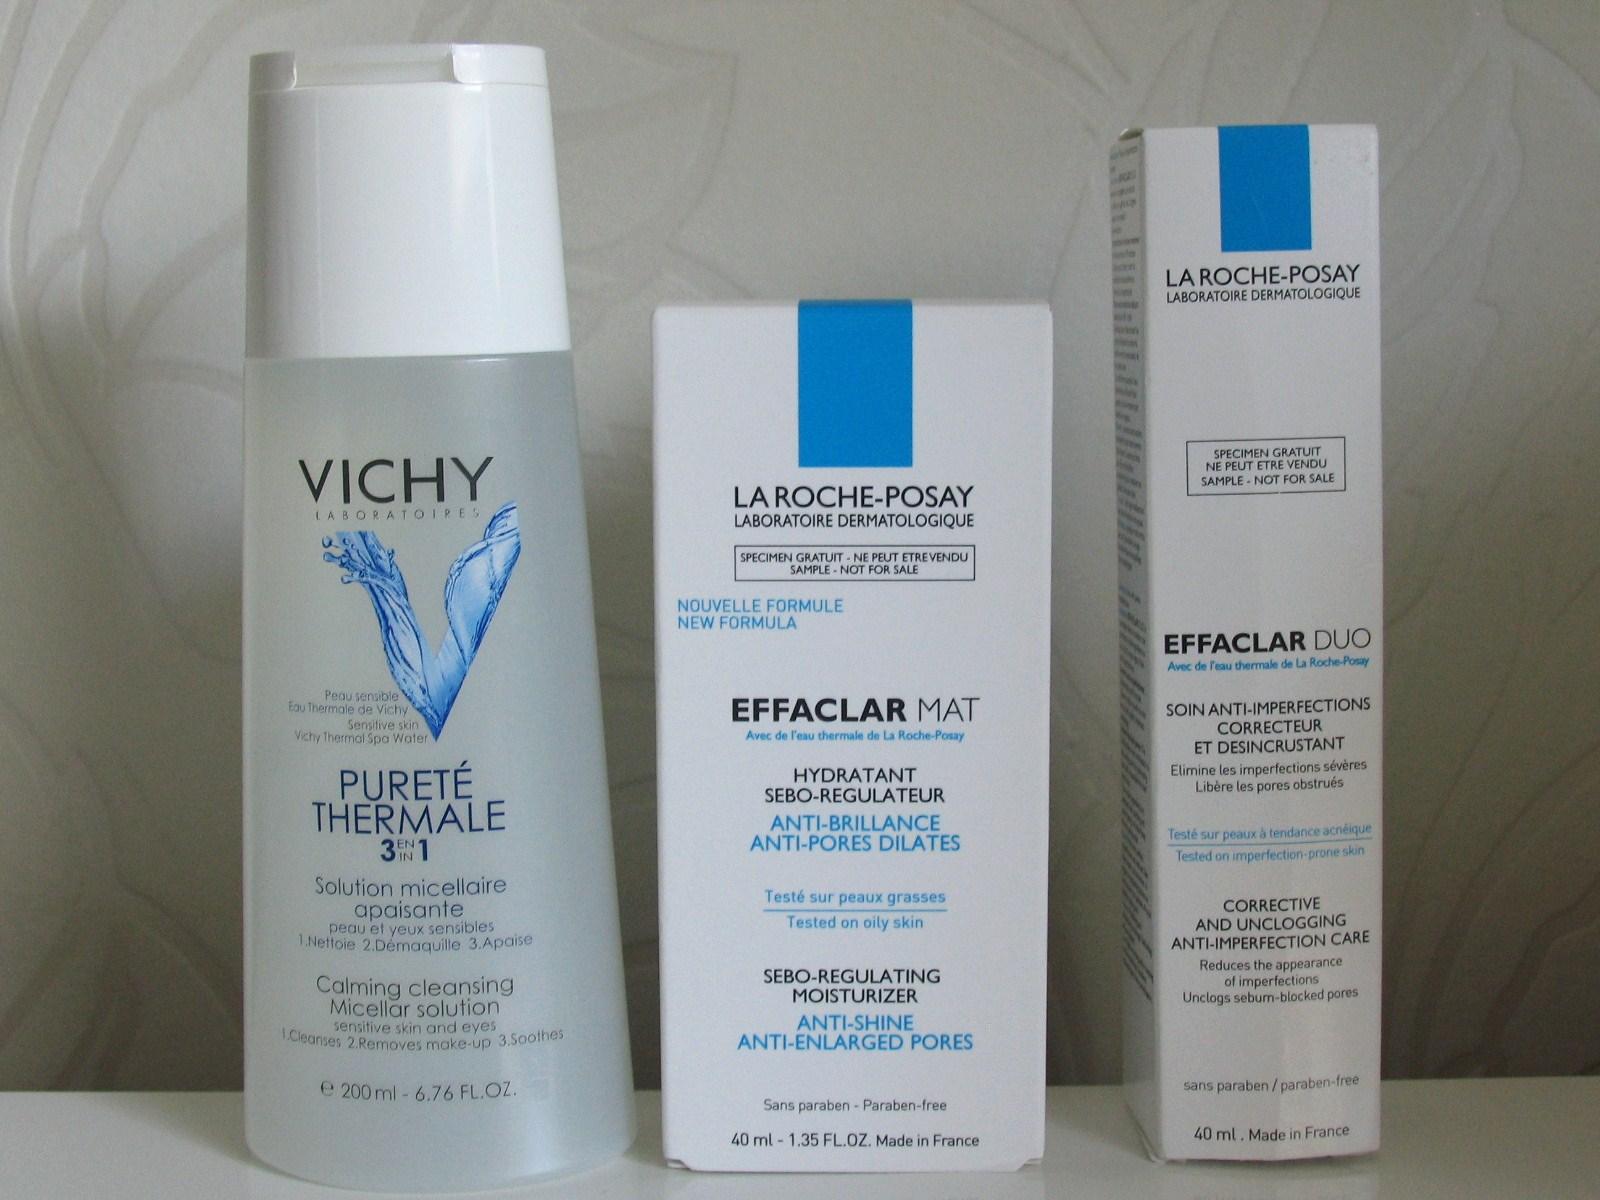 duplo gel la es acn hidratante ml posay acne mat mats piel effaclar roche